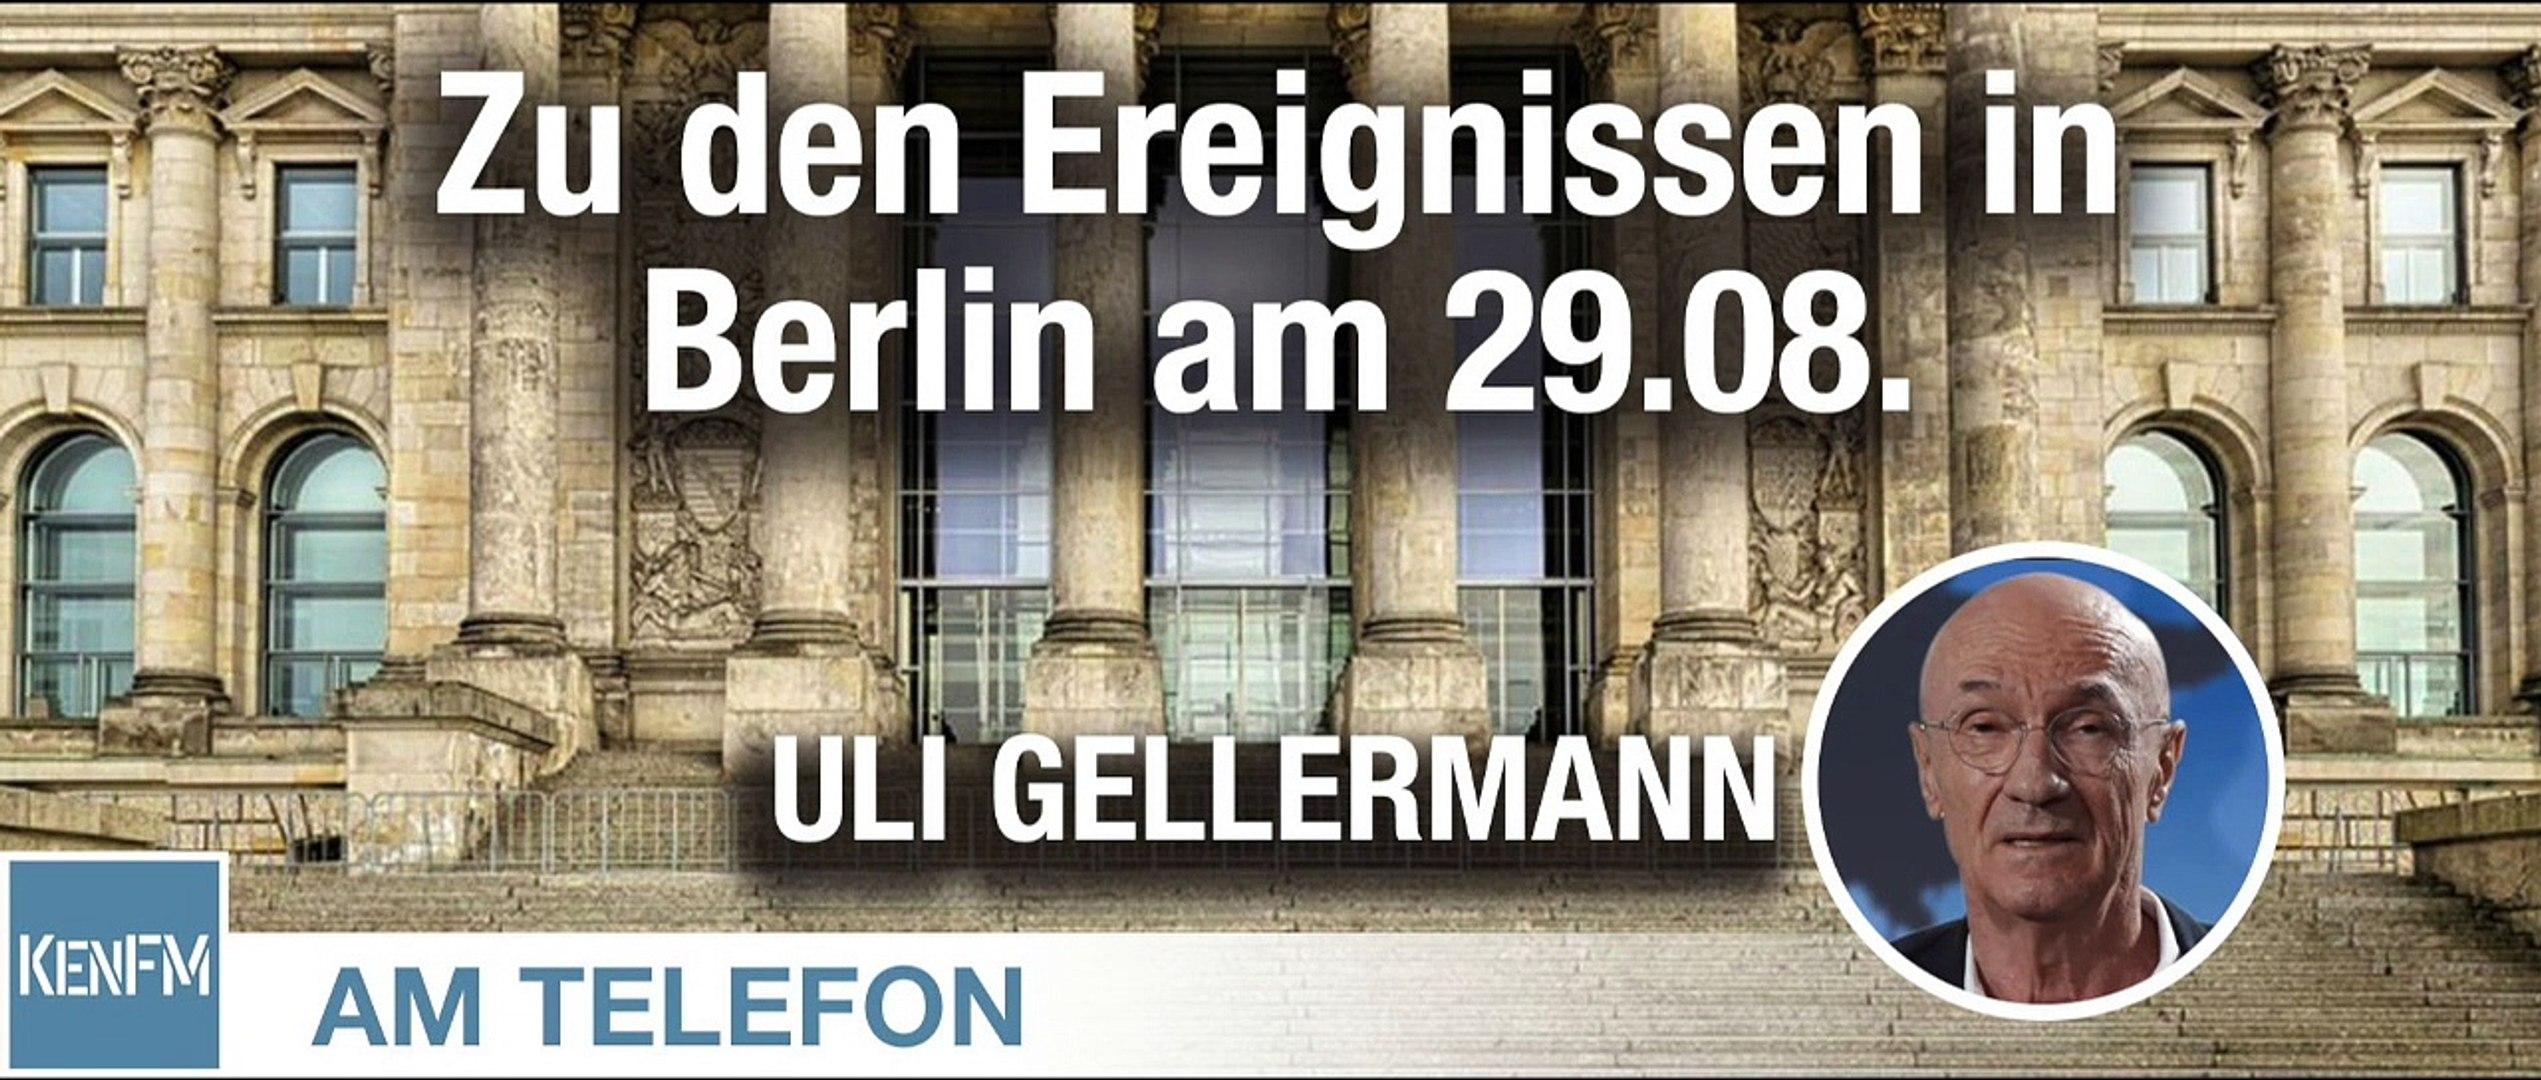 Am Telefon zu den Ereignissen in Berlin am 29.08.: Uli Gellermann